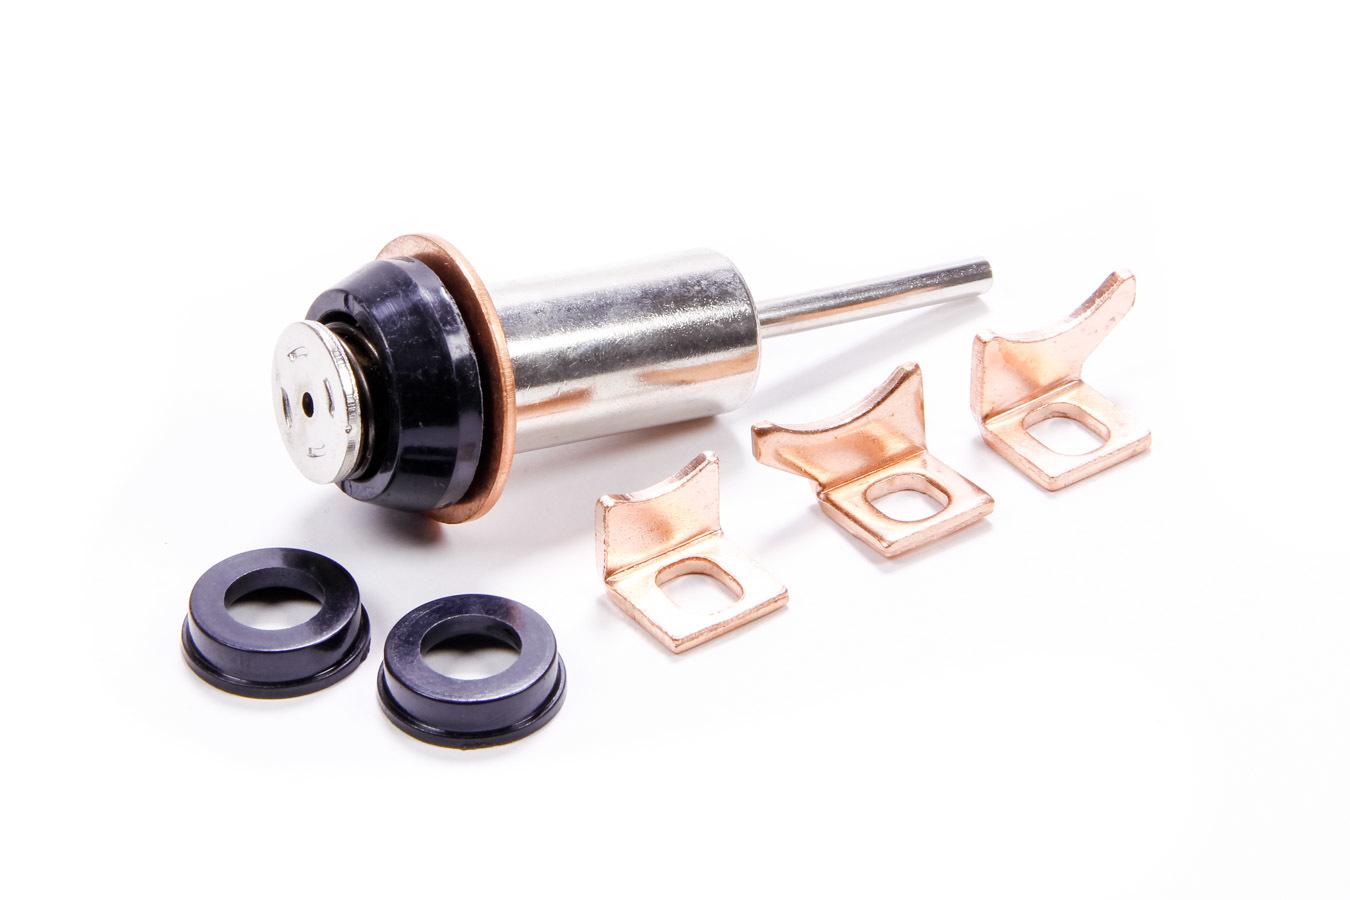 Powermaster 614 Starter Solenoid, Powermaster XS Torque Starters, Kit